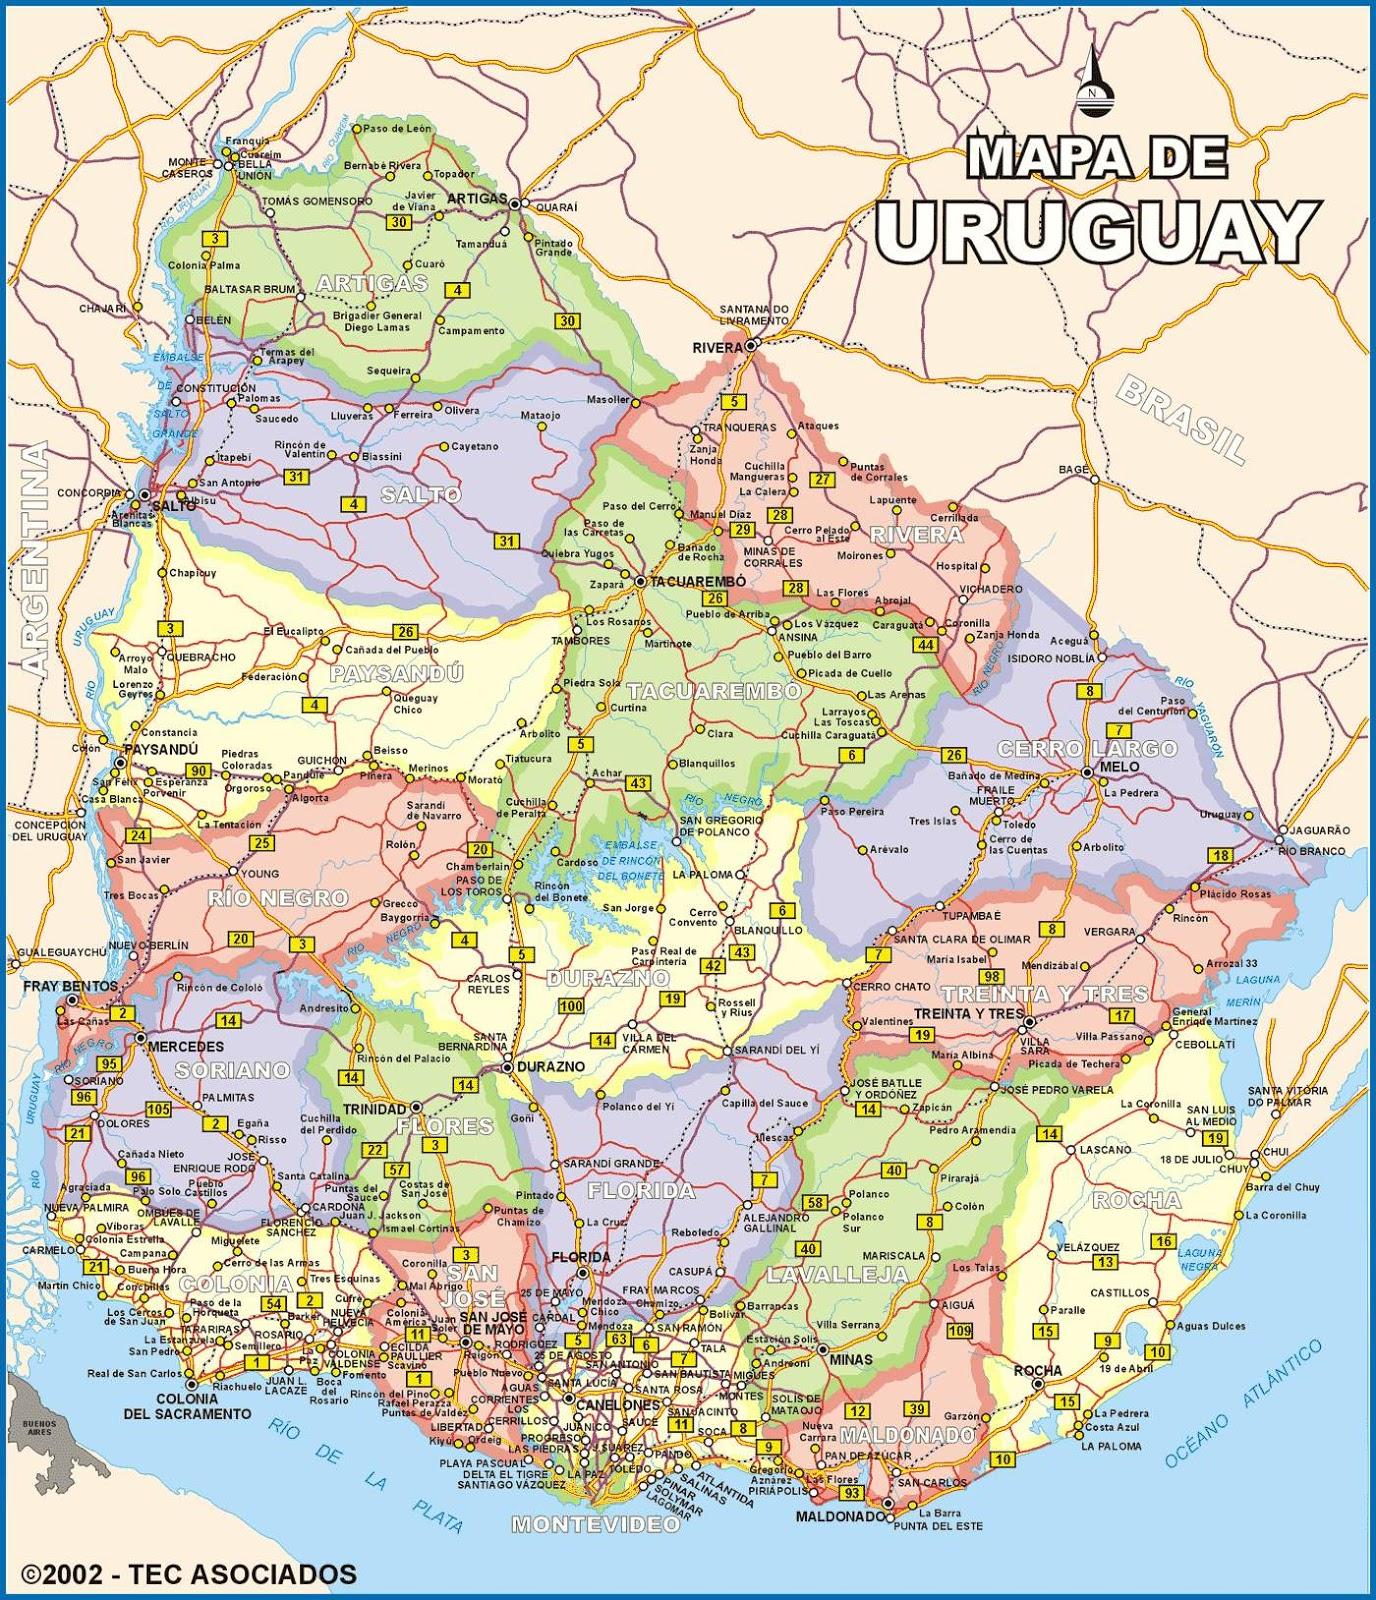 Mapas Geográficos de Uruguay